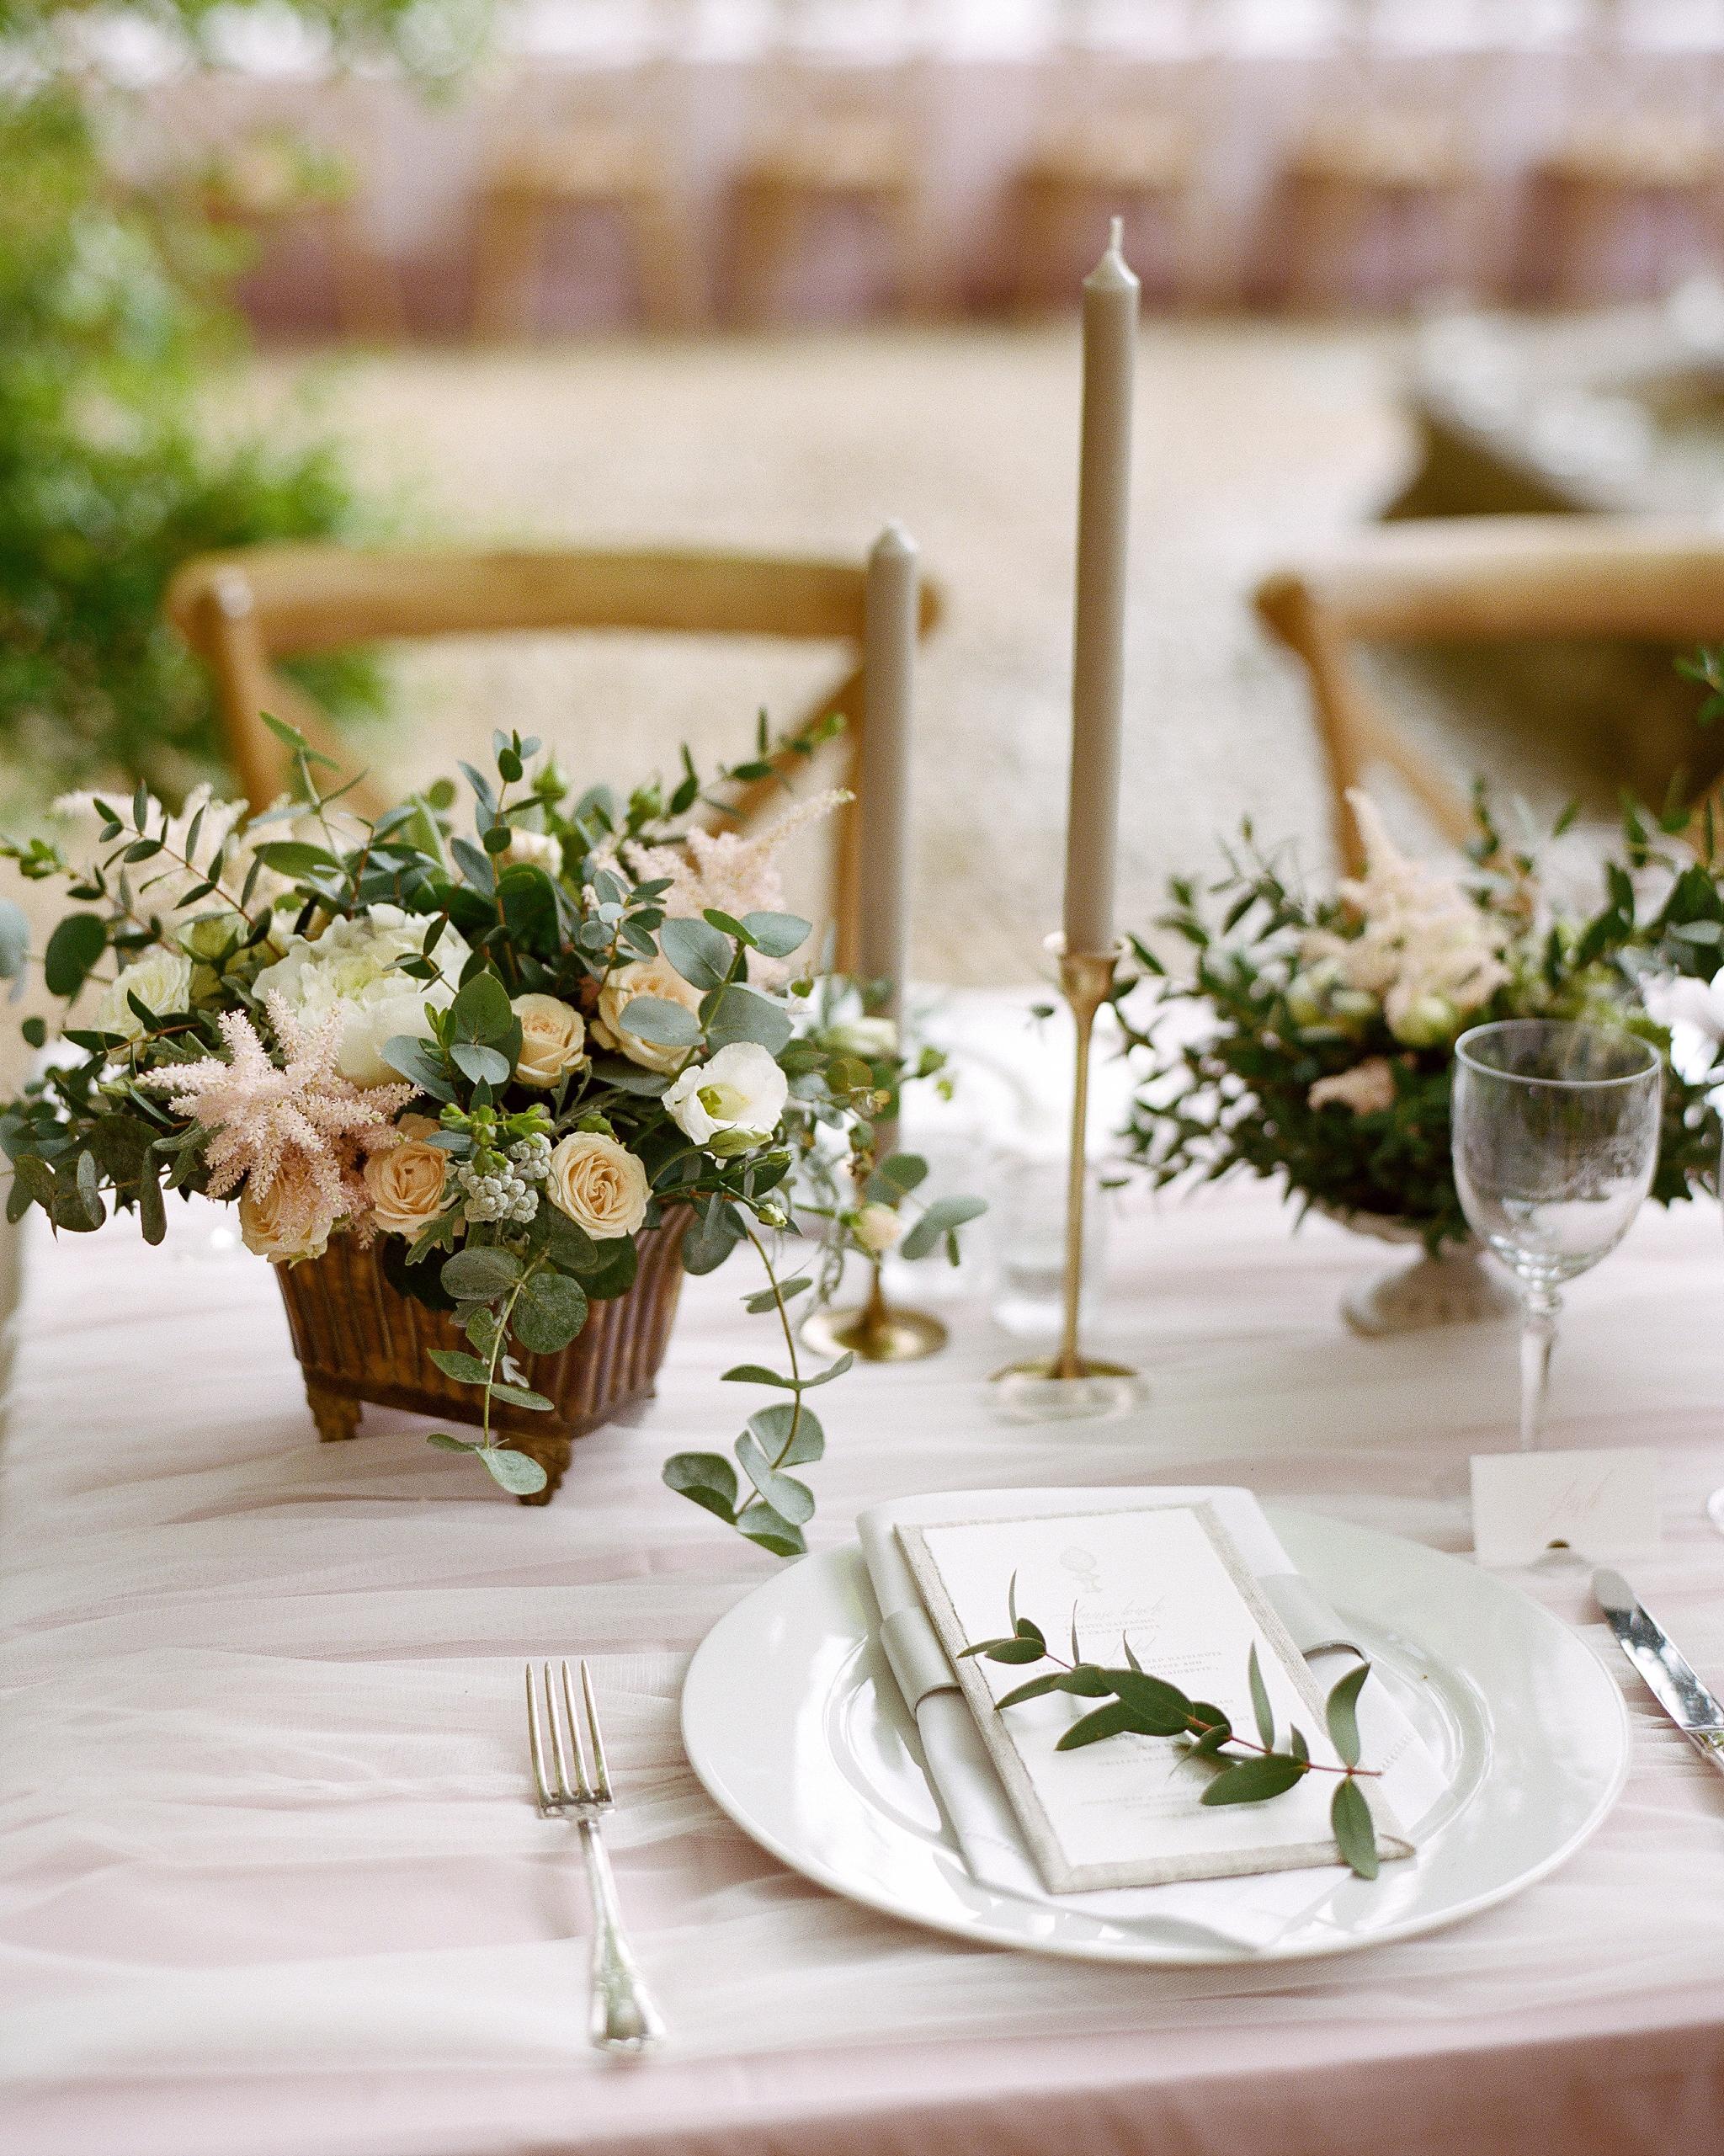 50 Wedding Centerpiece Ideas We Love | Martha Stewart Weddings